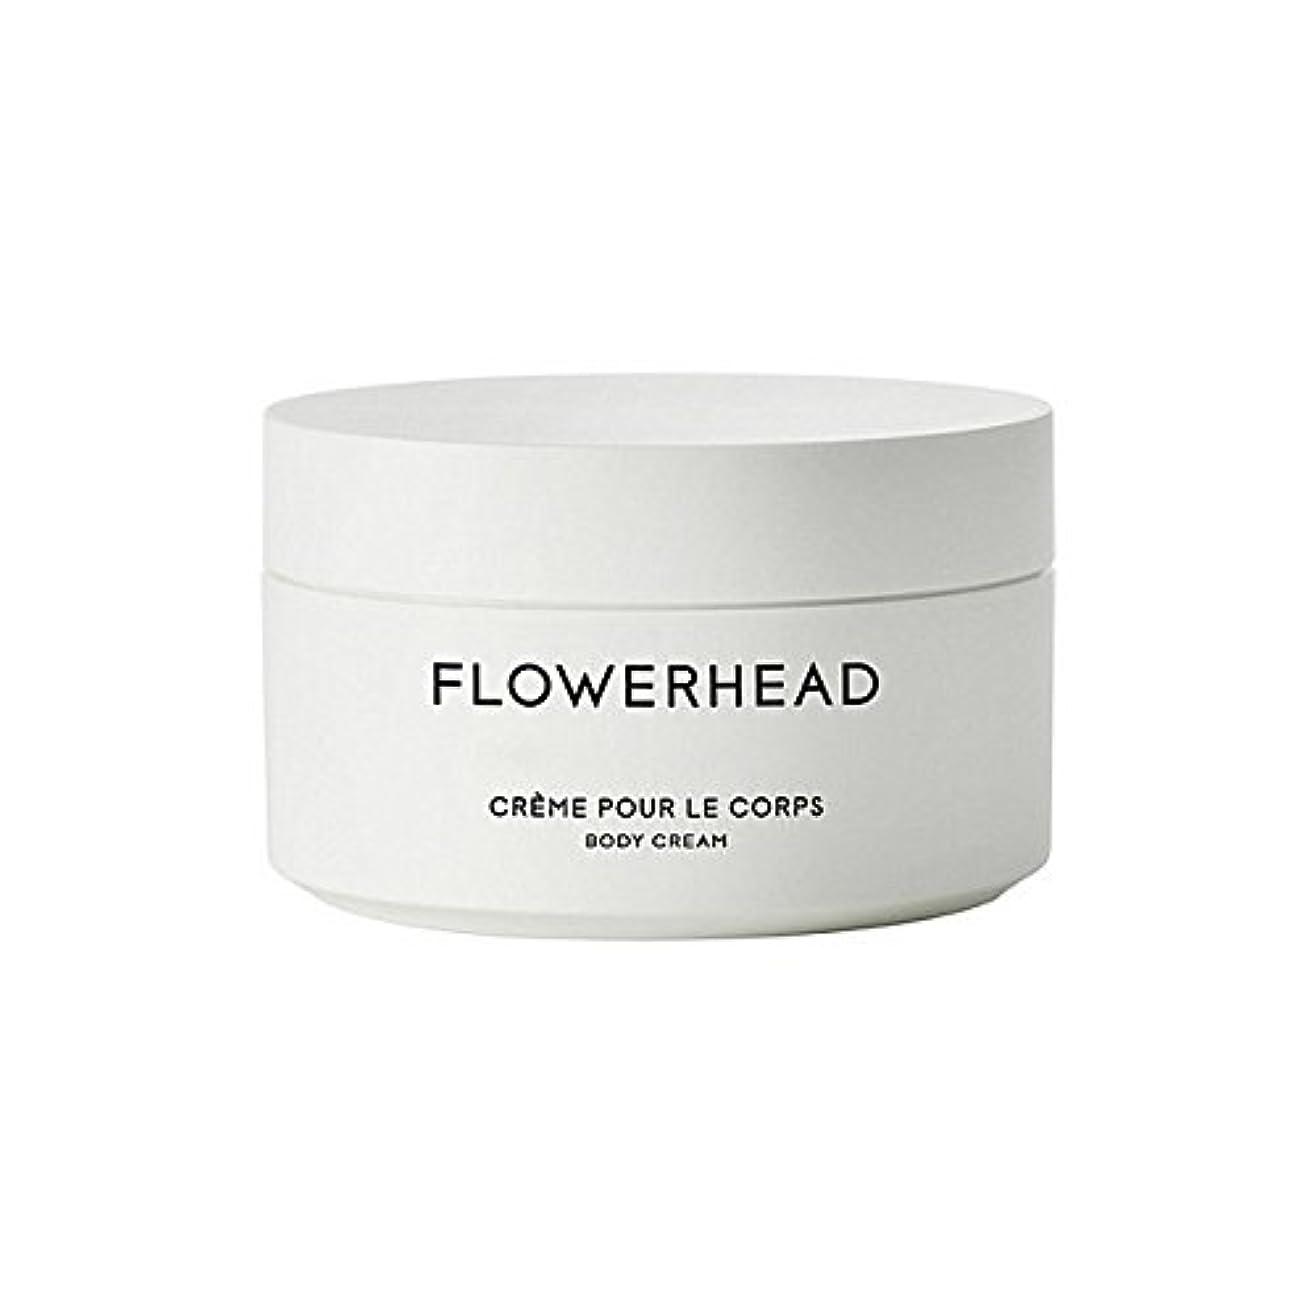 証言細胞センチメートルボディクリーム200ミリリットル x4 - Byredo Flowerhead Body Cream 200ml (Pack of 4) [並行輸入品]